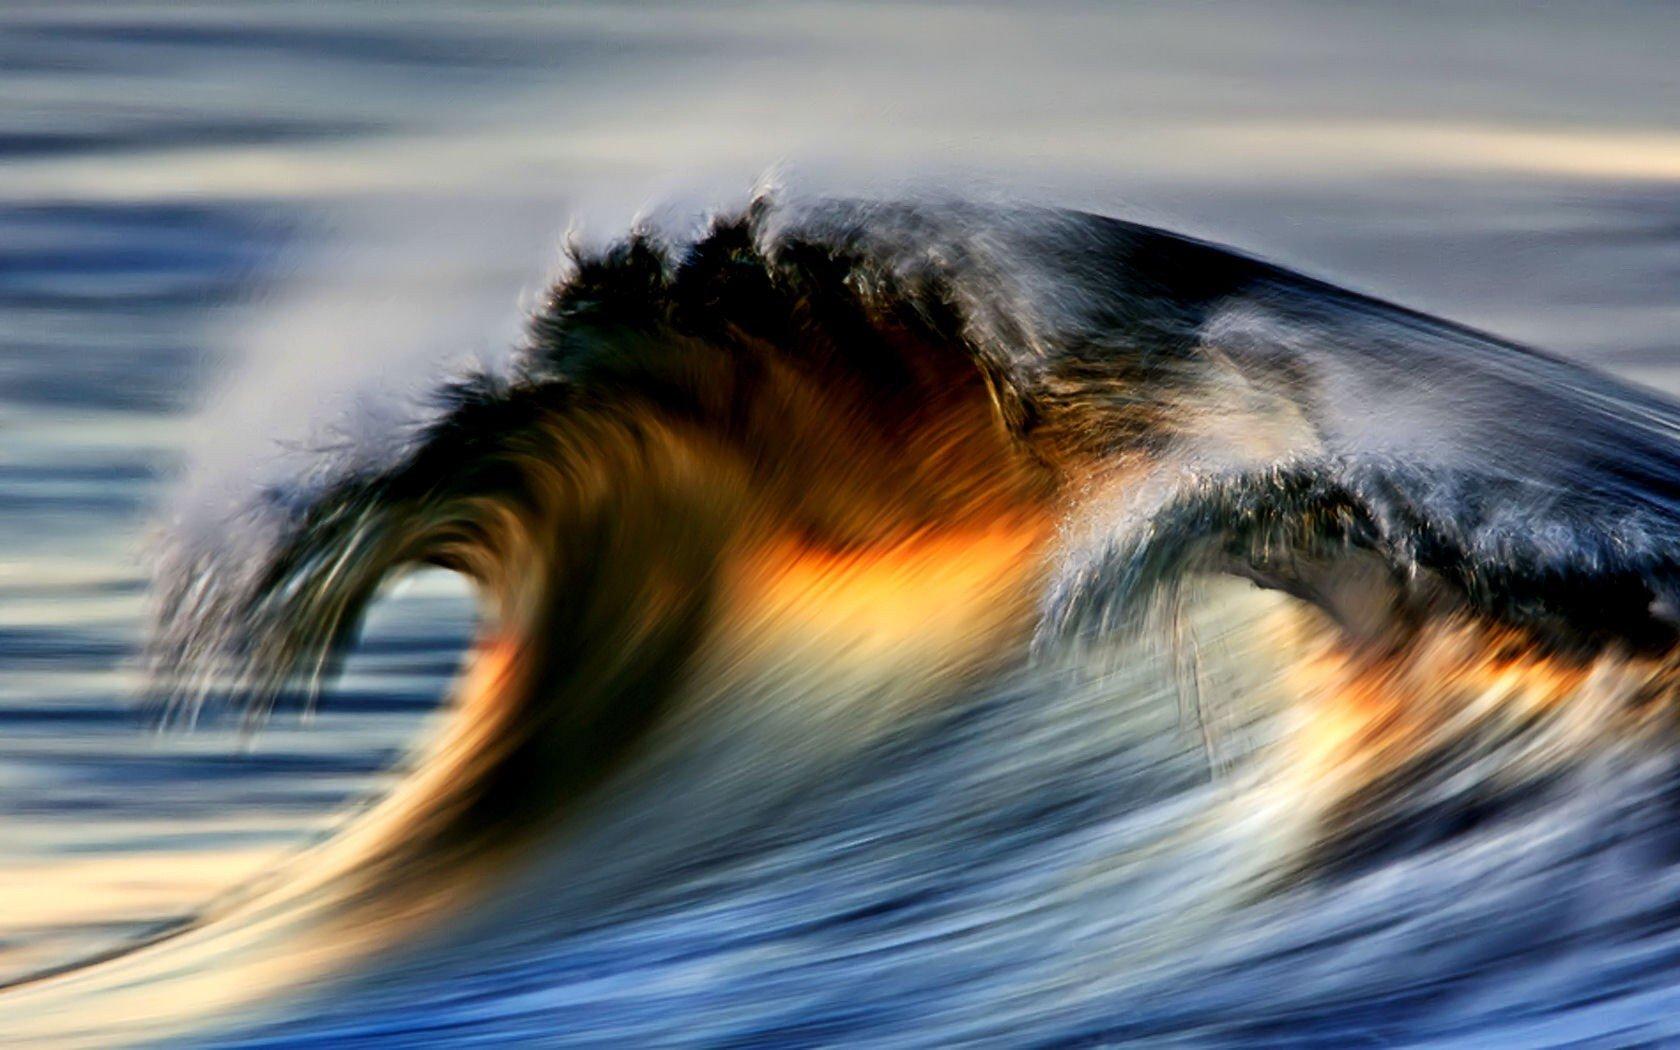 Ocean Waves Wallpaper - WallpaperSafari